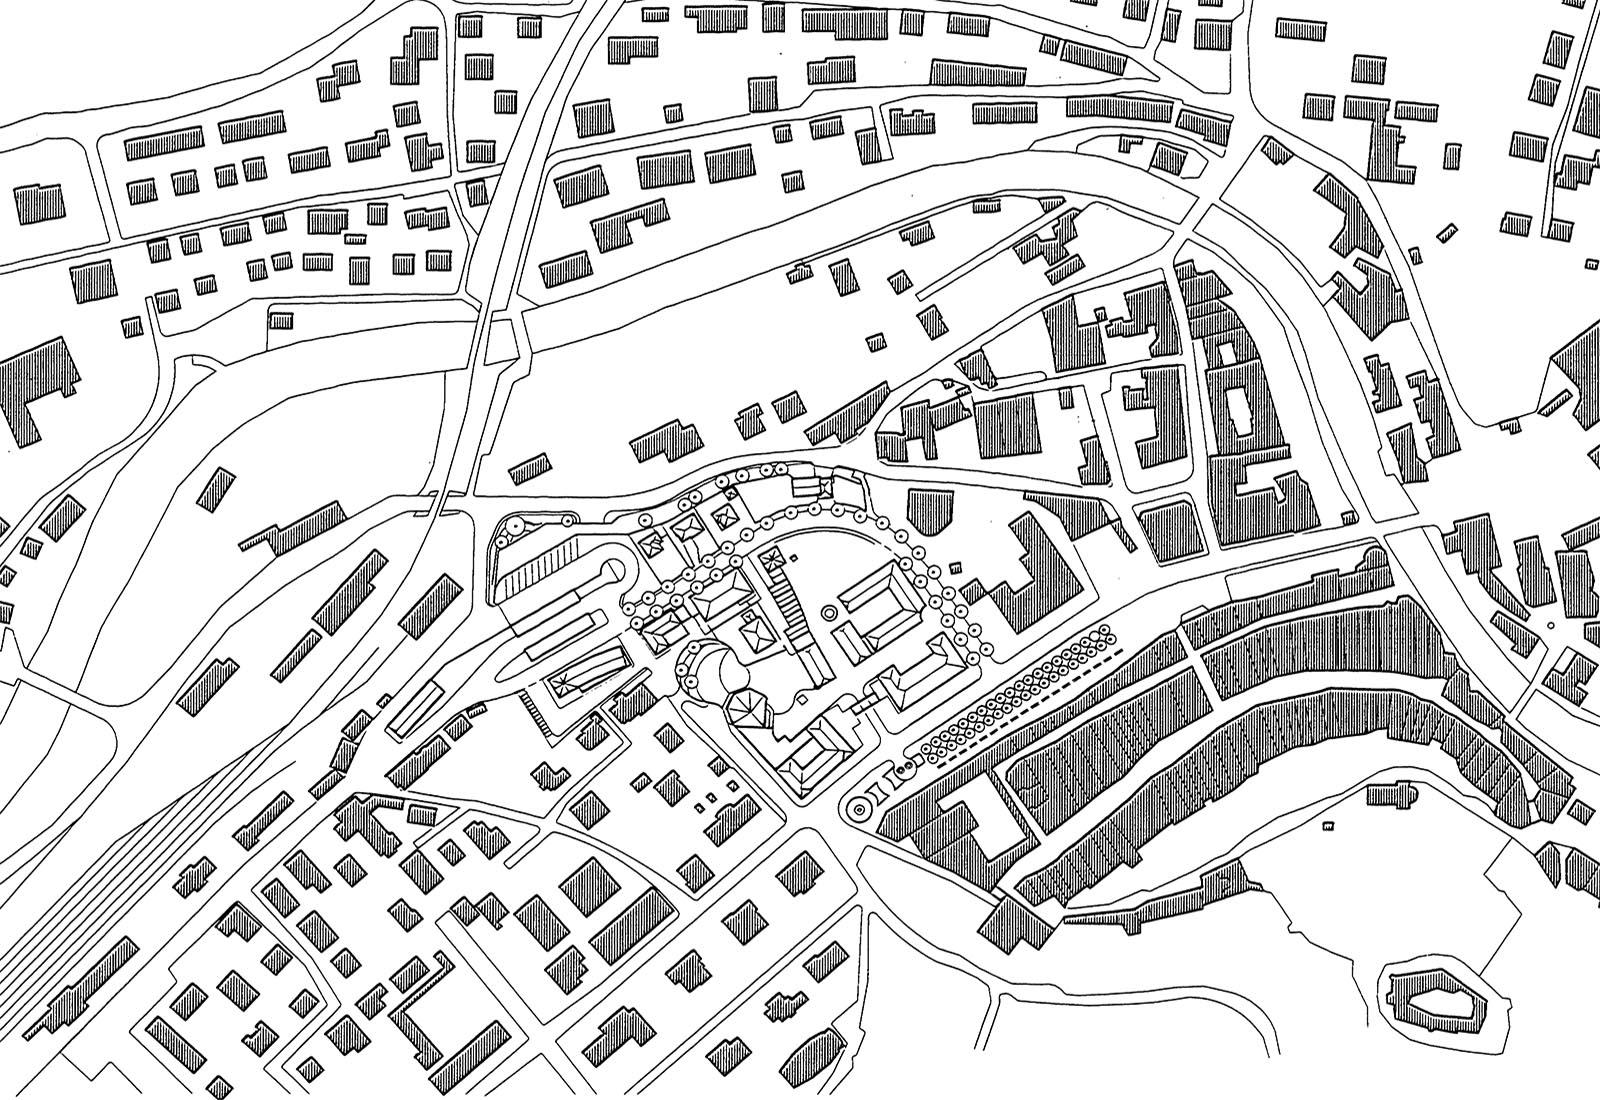 Area autocorriere Brunico - Planimetria di inquadramento